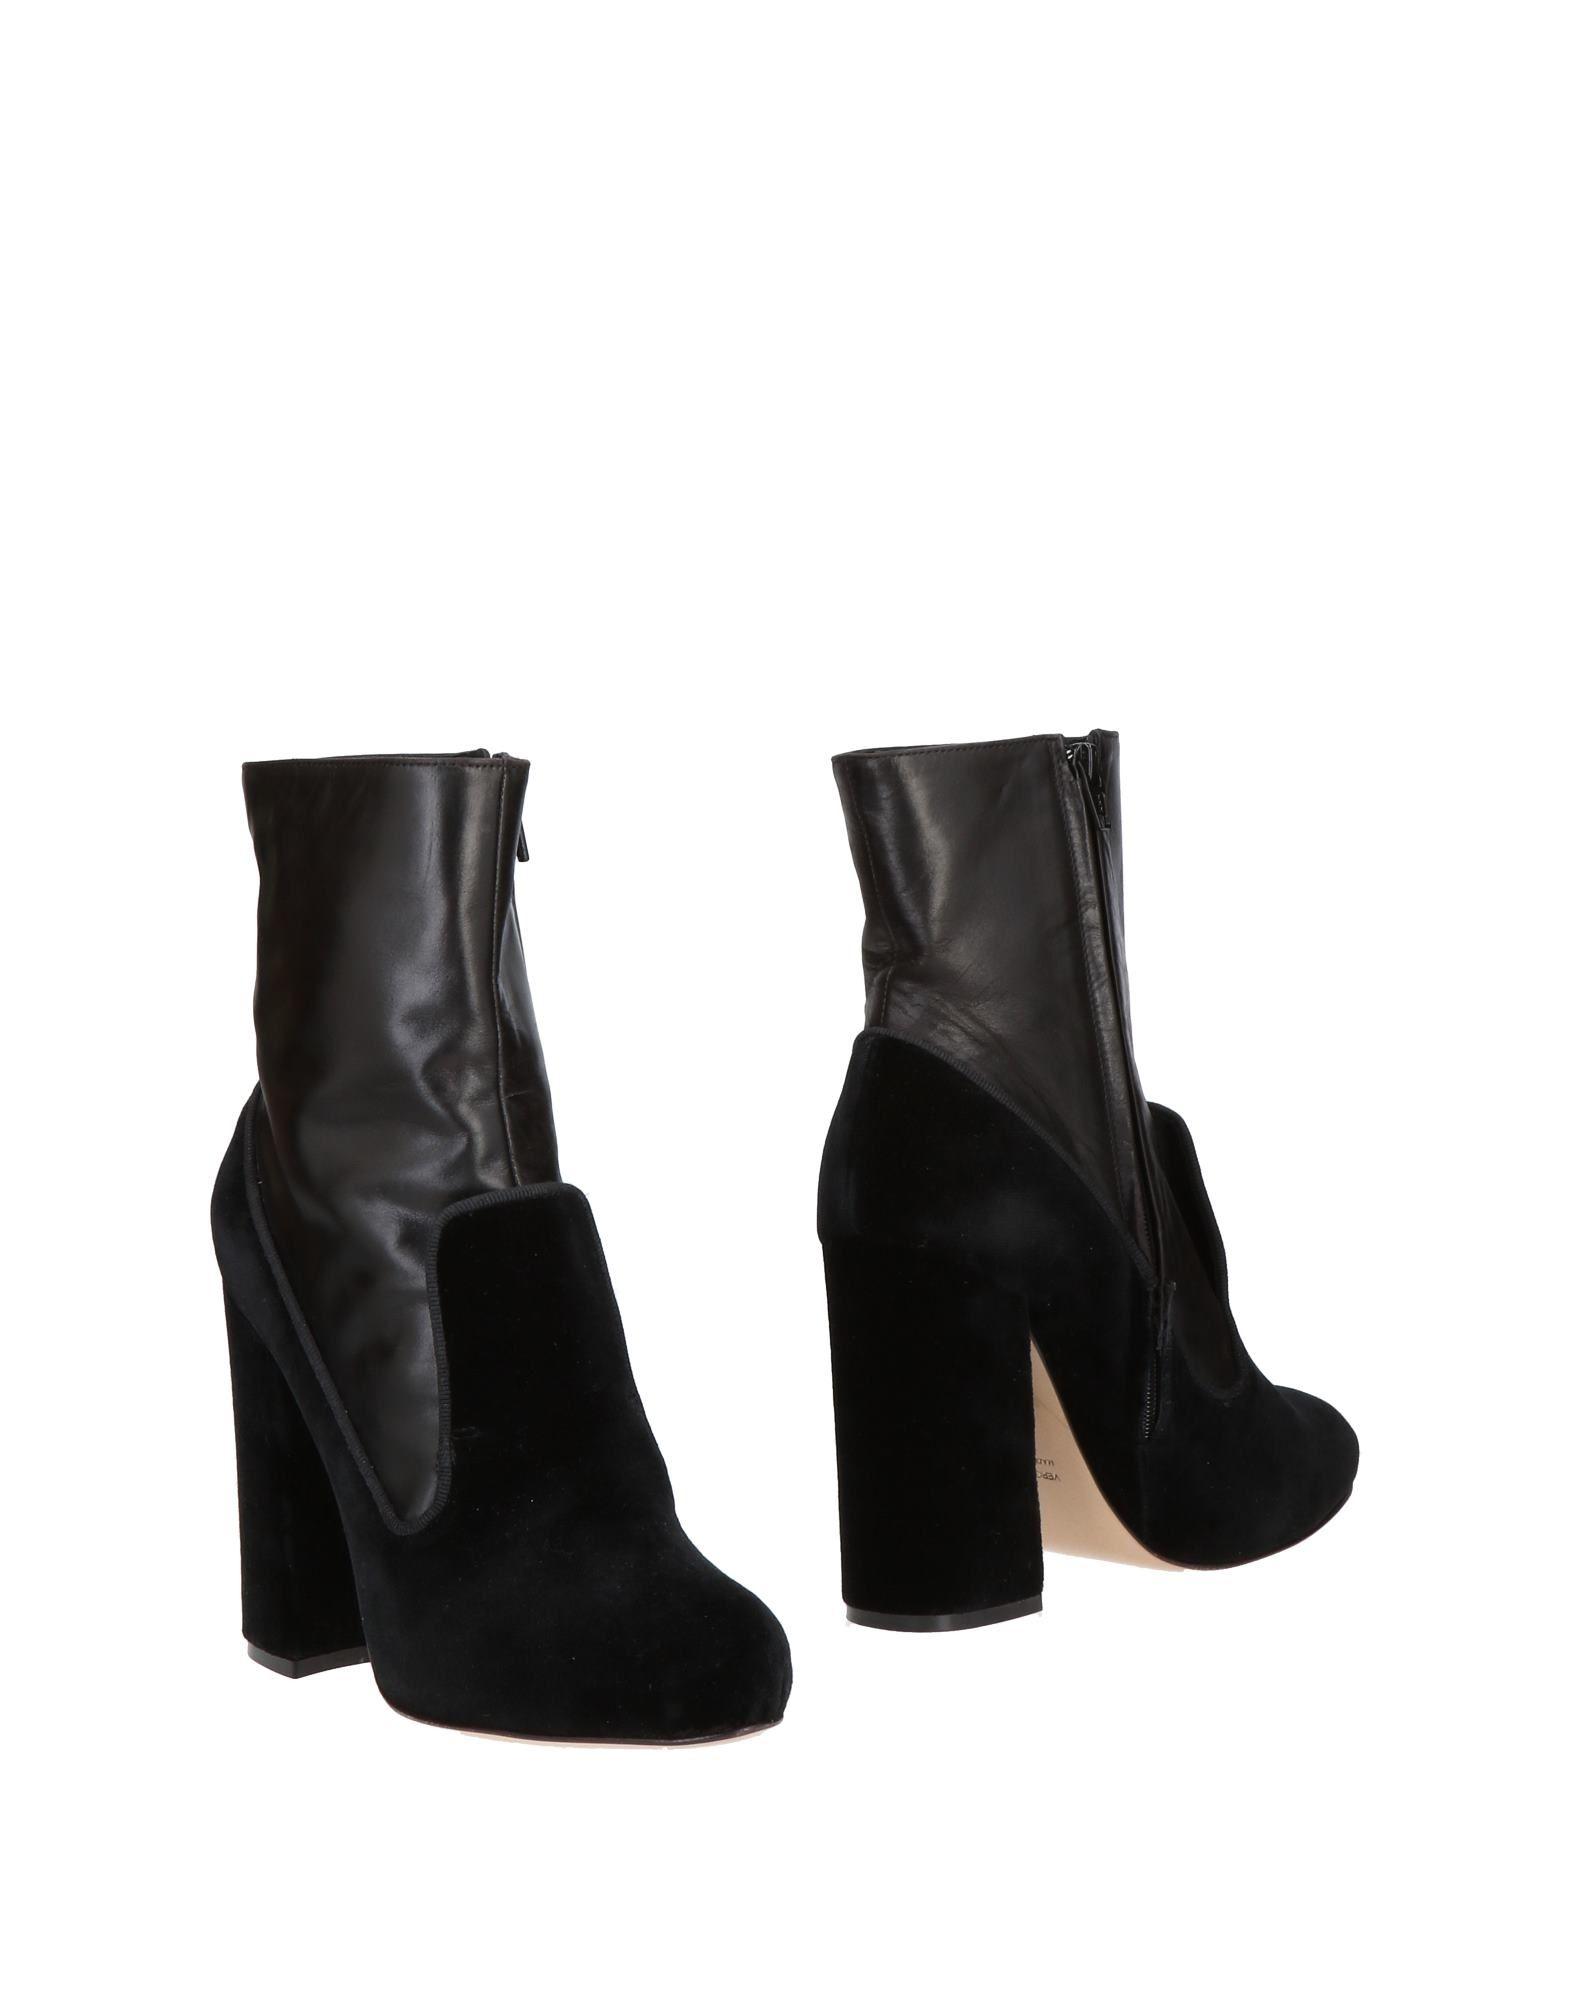 Emanuélle Vee Stiefelette Damen  11491020SC Gute Qualität beliebte Schuhe